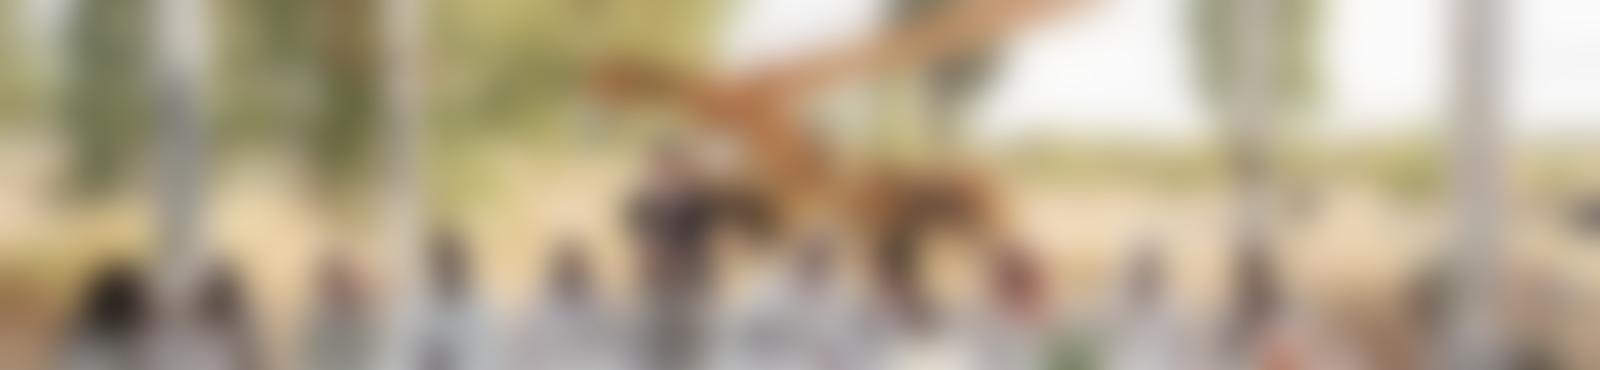 Blurred 821e296c 8270 4628 92c0 254b0c0388a8